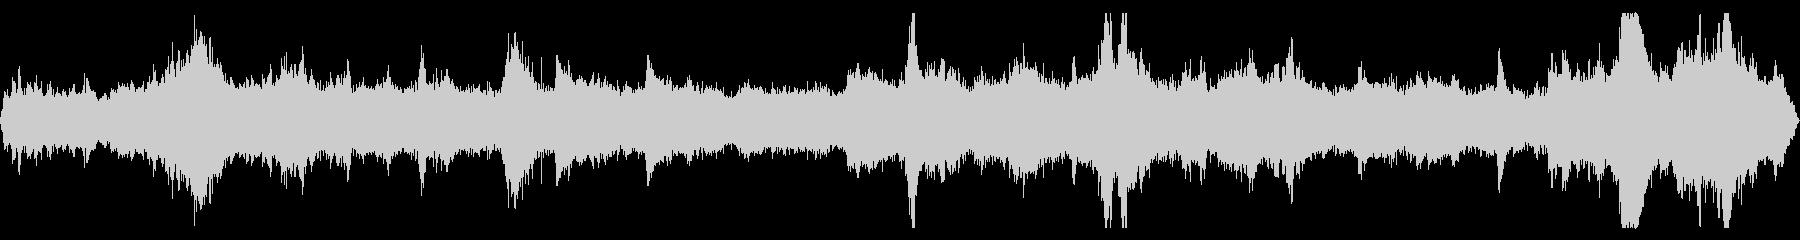 台風-6(23時台)_191012の未再生の波形